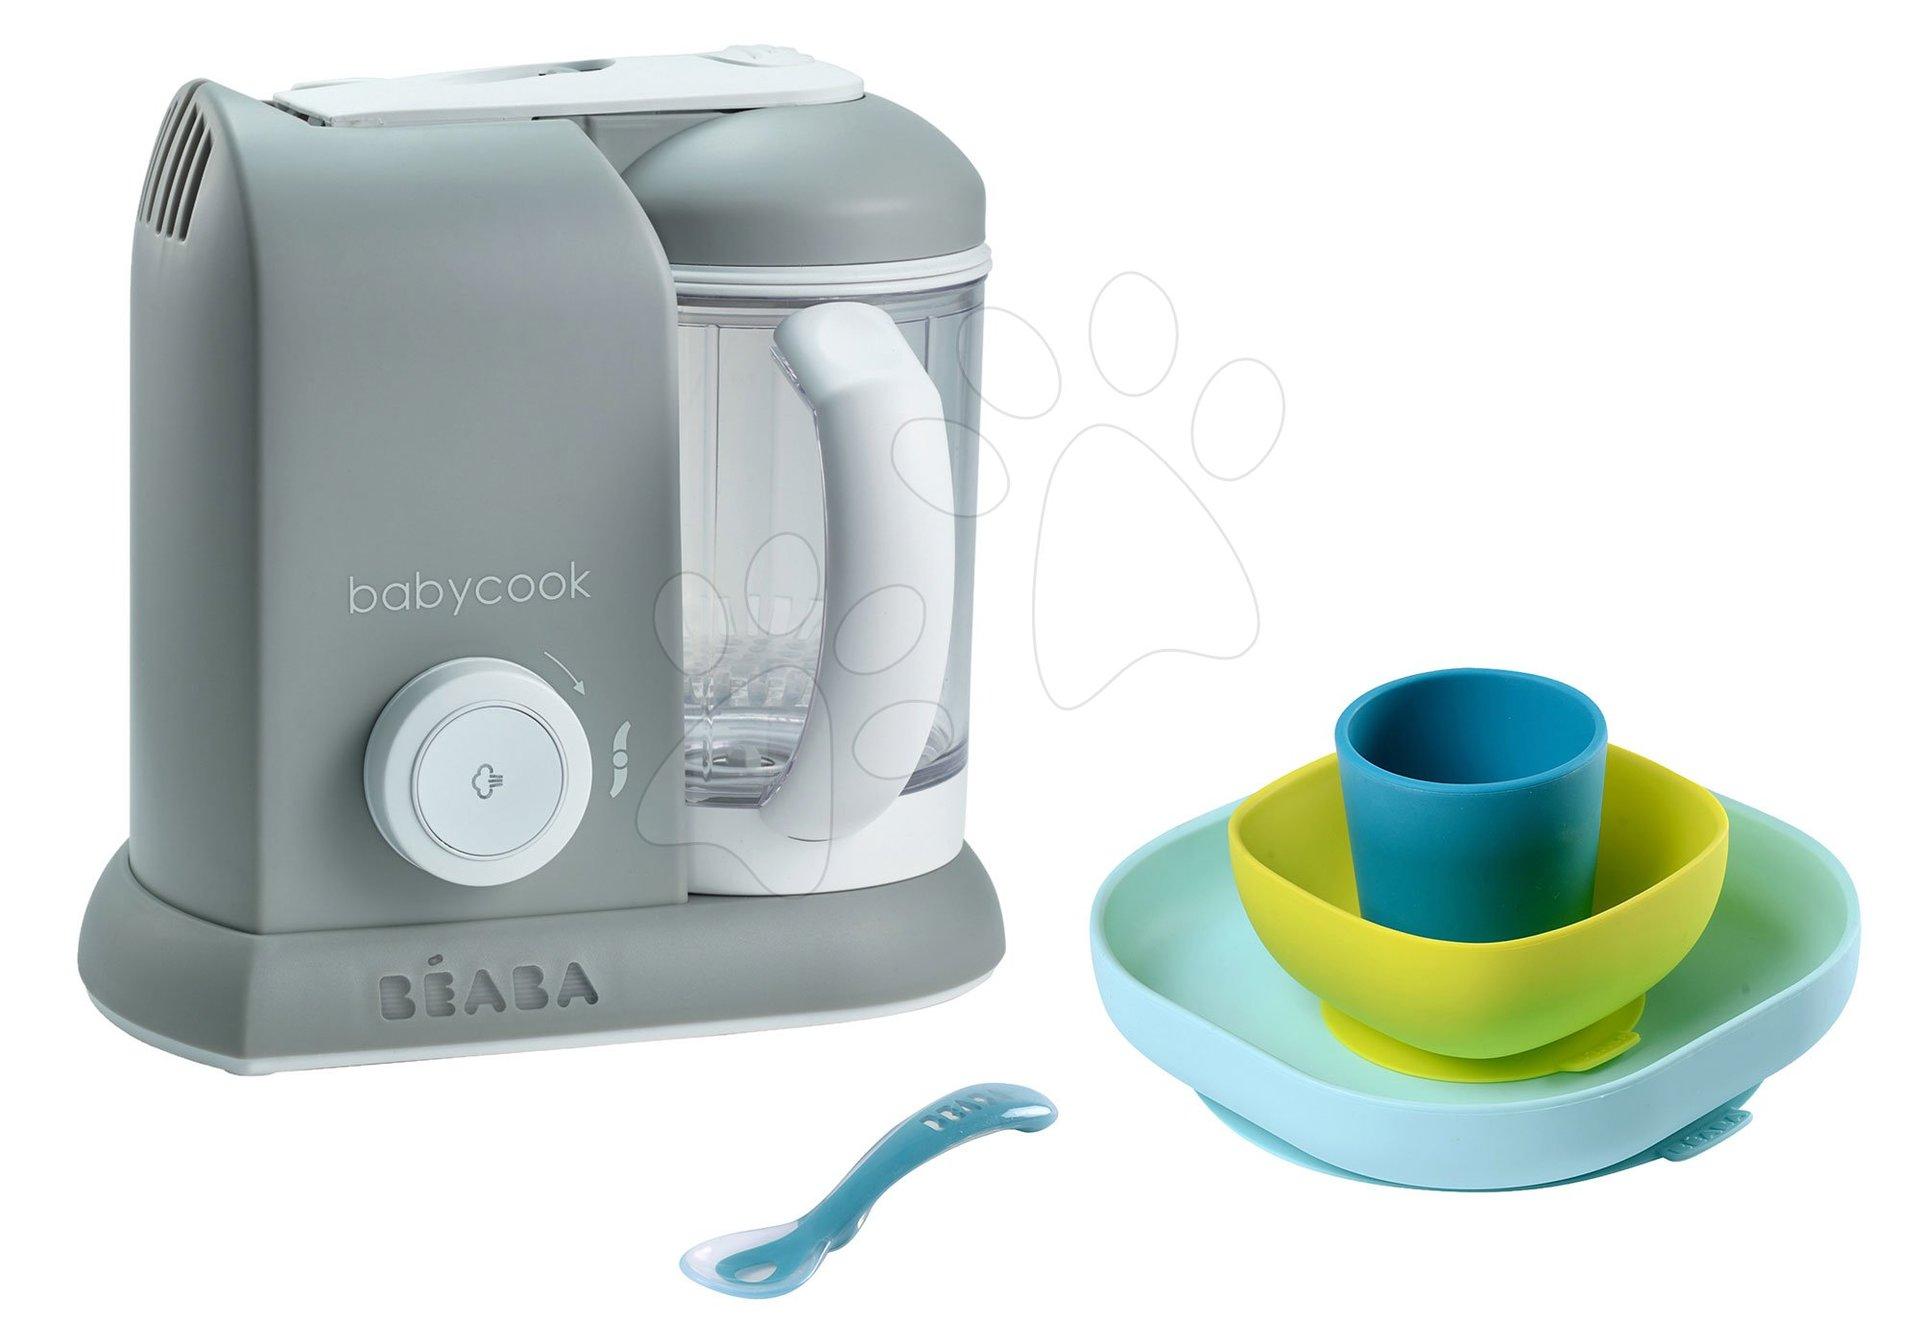 Set parný varič a mixér Beaba Babycook® Solo šedý + darček jedálenská súprava Silicone meal 4-dielna od 0 mesiacov